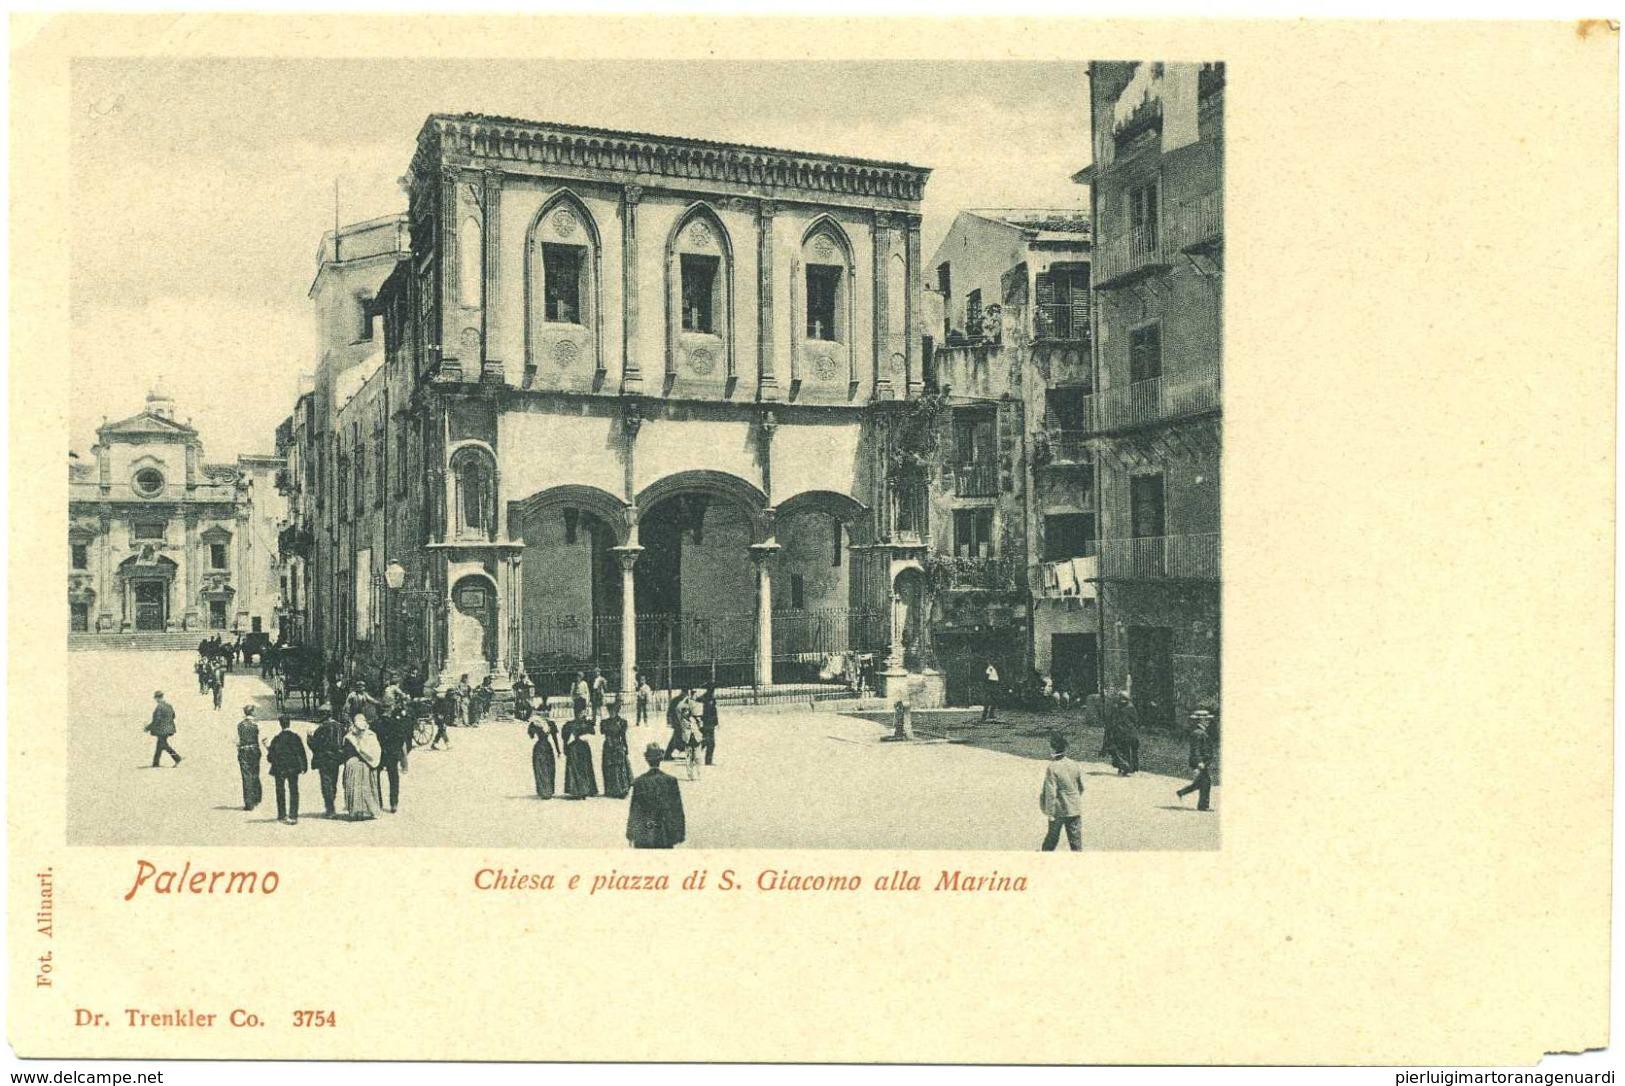 14023 - Palermo - Chiesa E Piazza Di S. Giacomo Alla Marina - Palermo